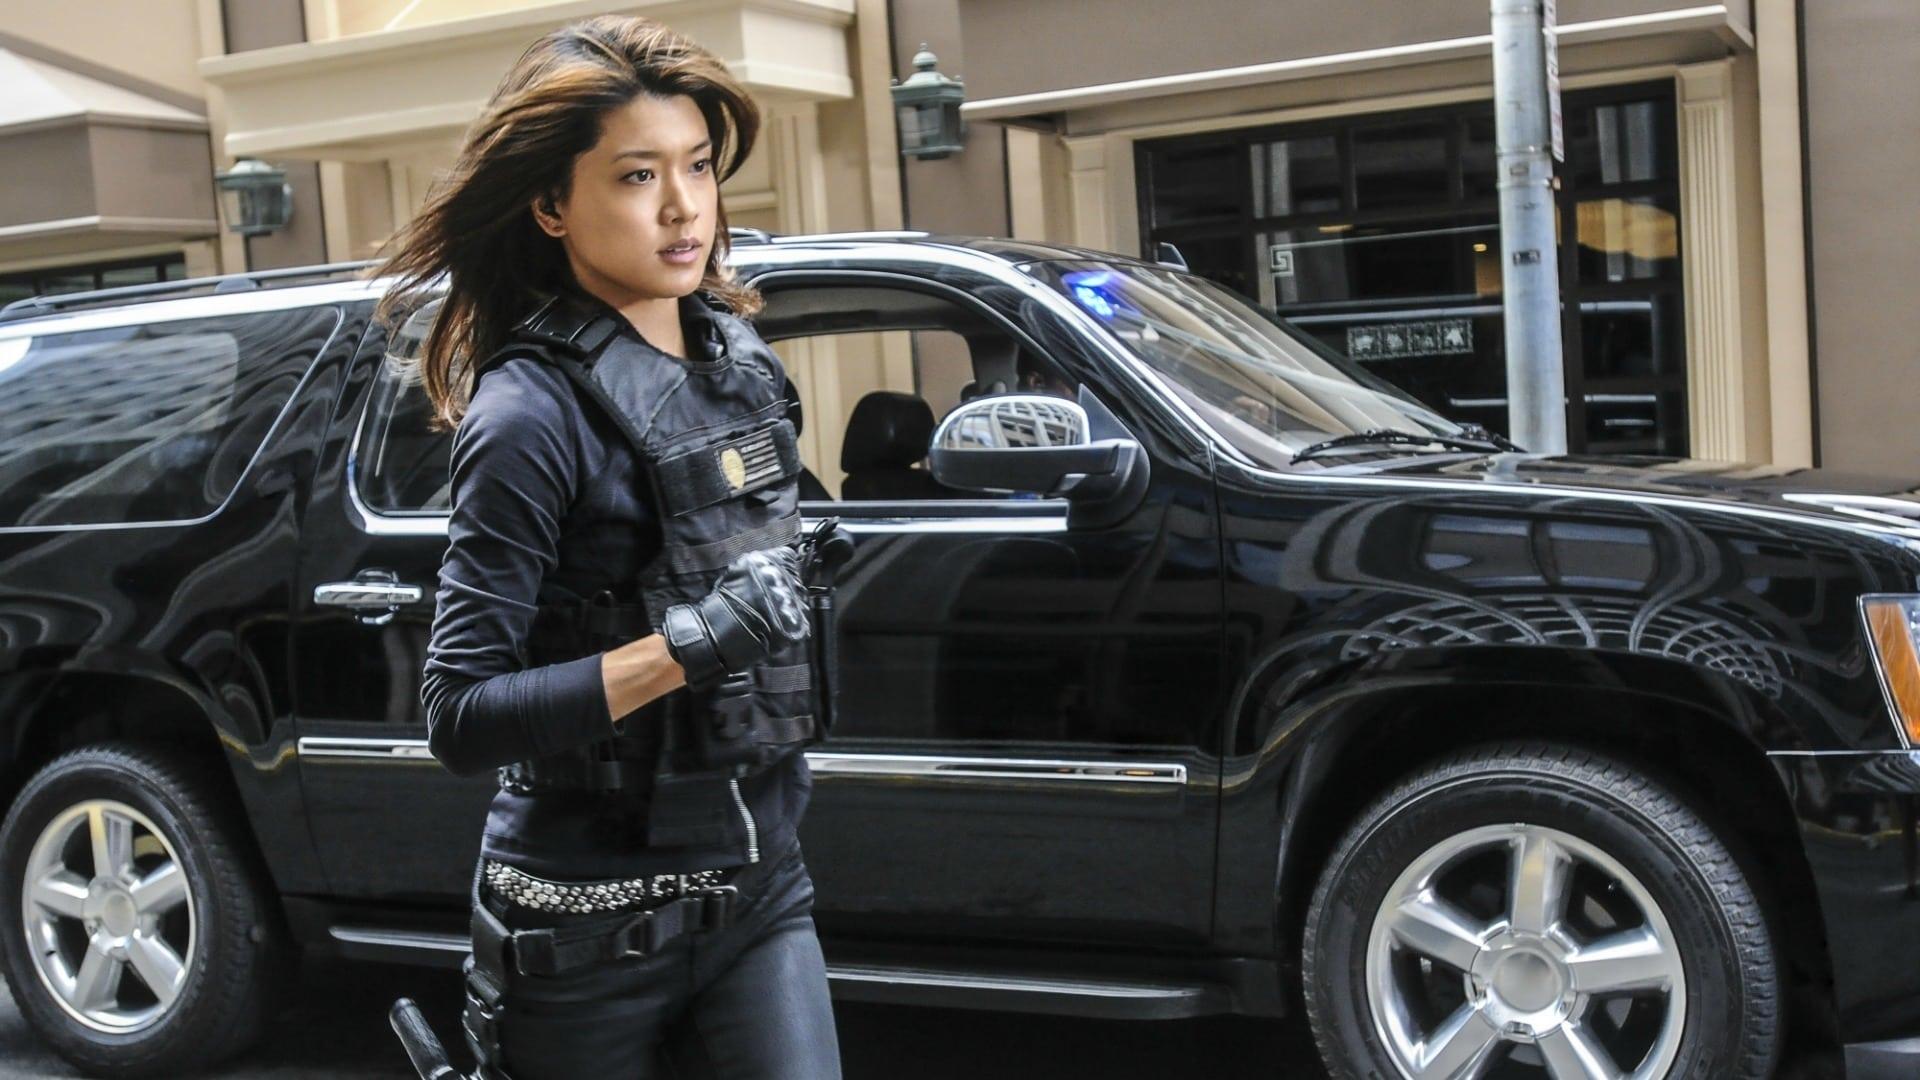 Hawaii Five-0 - Season 7 Episode 1 : Makaukau 'oe e Pa'ani? (Ready to Play?)